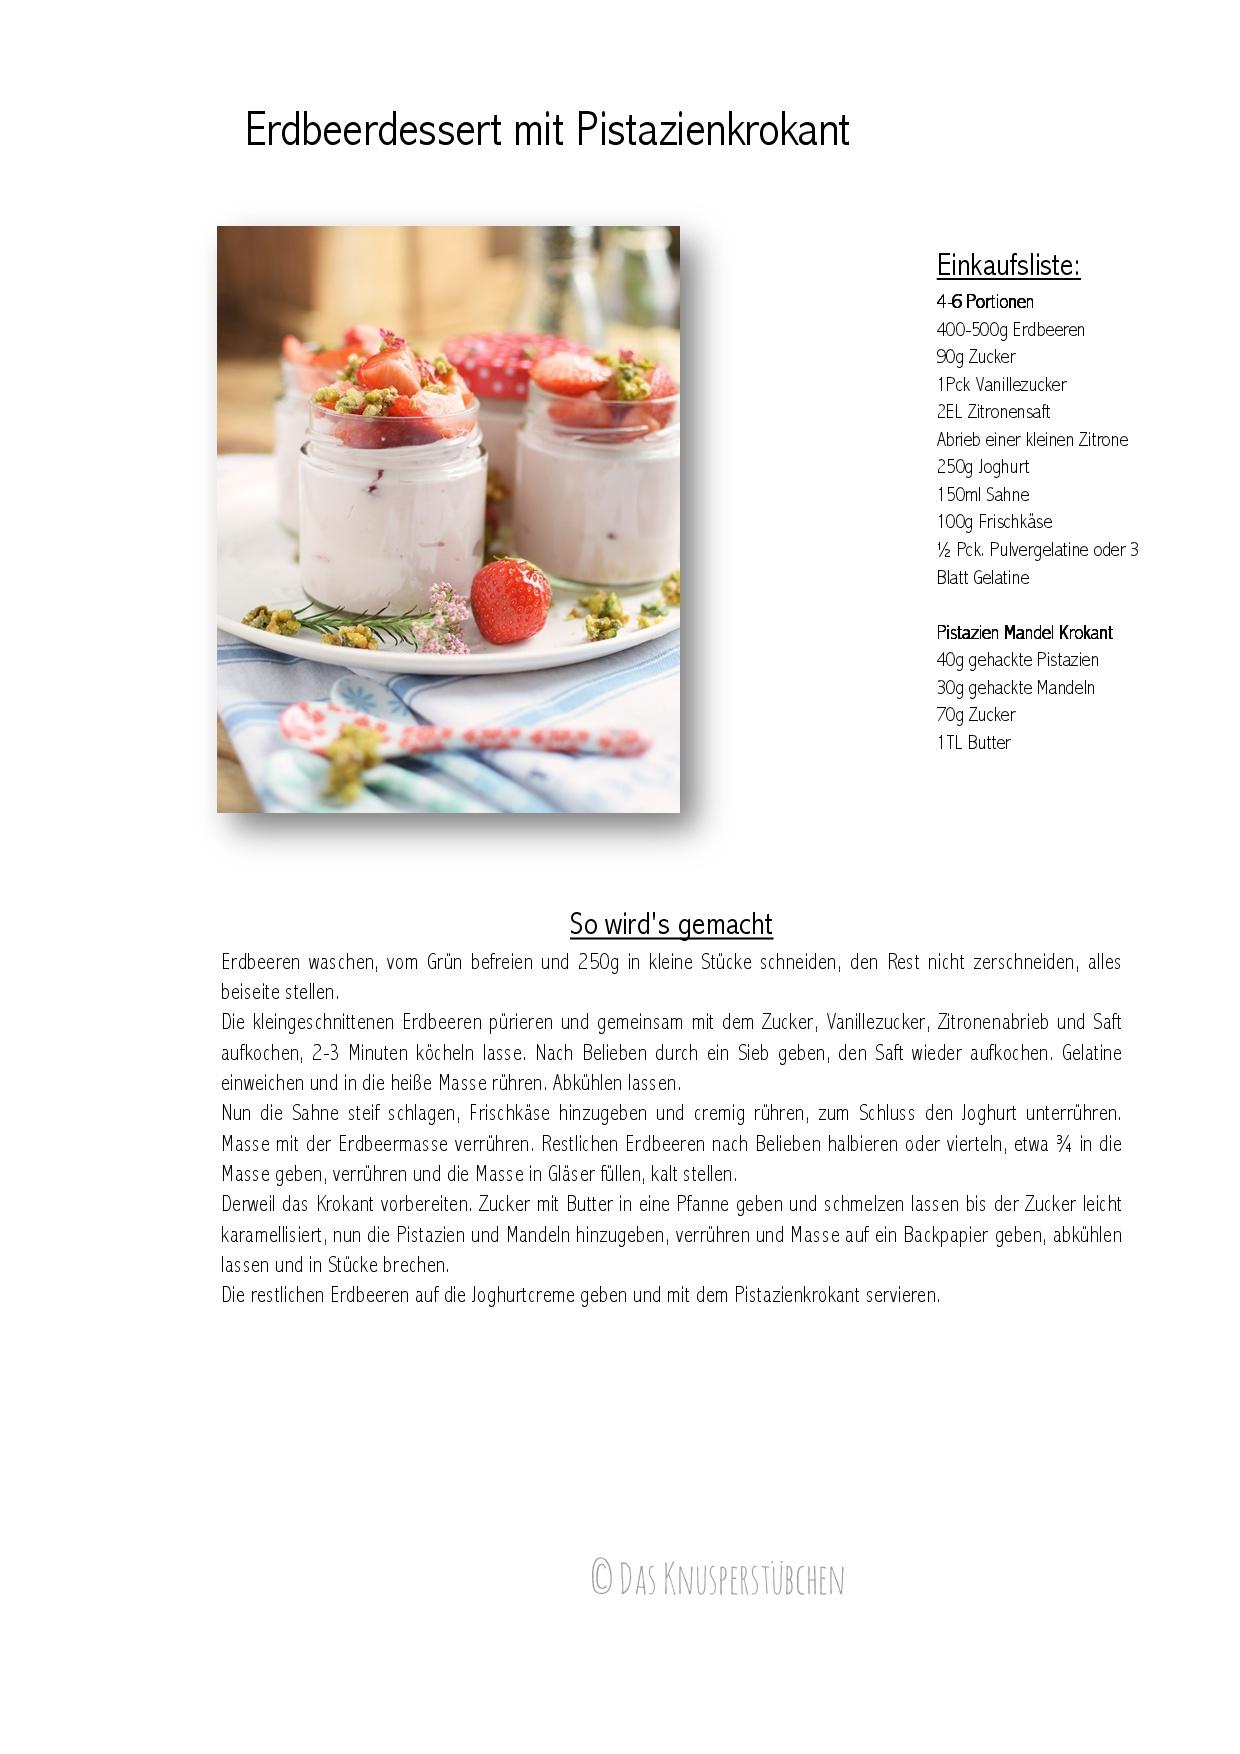 Erdbeerdessert mit Pistazienkrokant